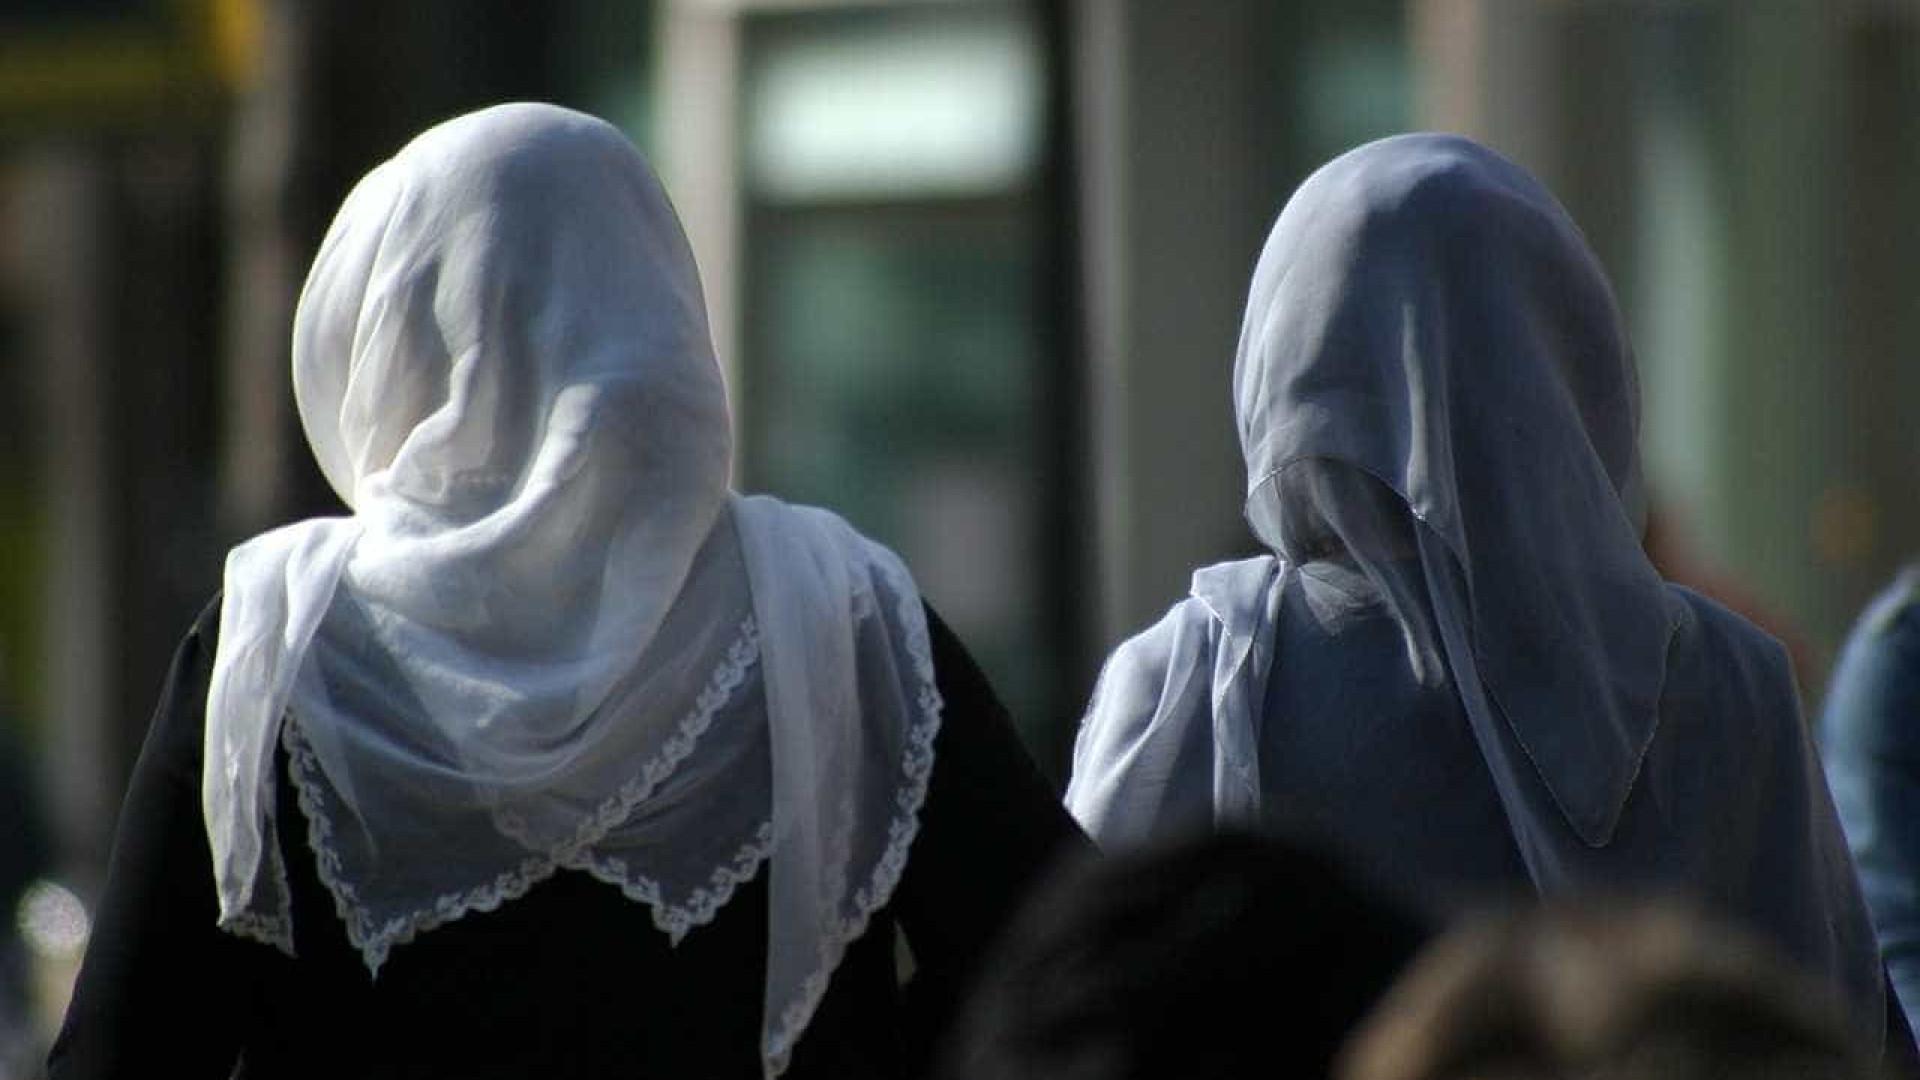 Tribunal dos Direitos Humanos valida proibição de tapar rosto em público